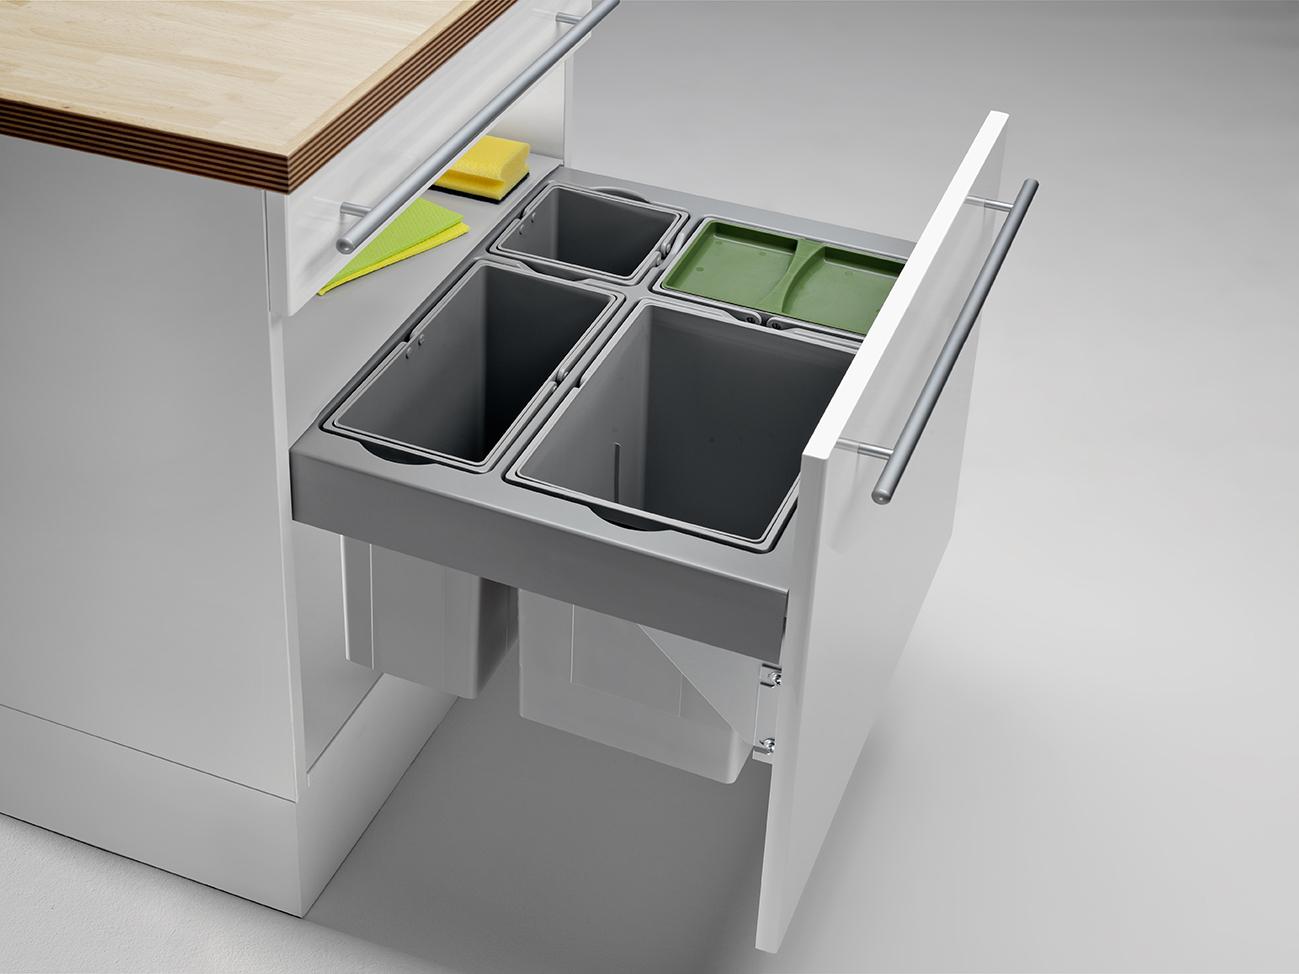 Mülltrennung innovative abfalltrennsysteme für die küche